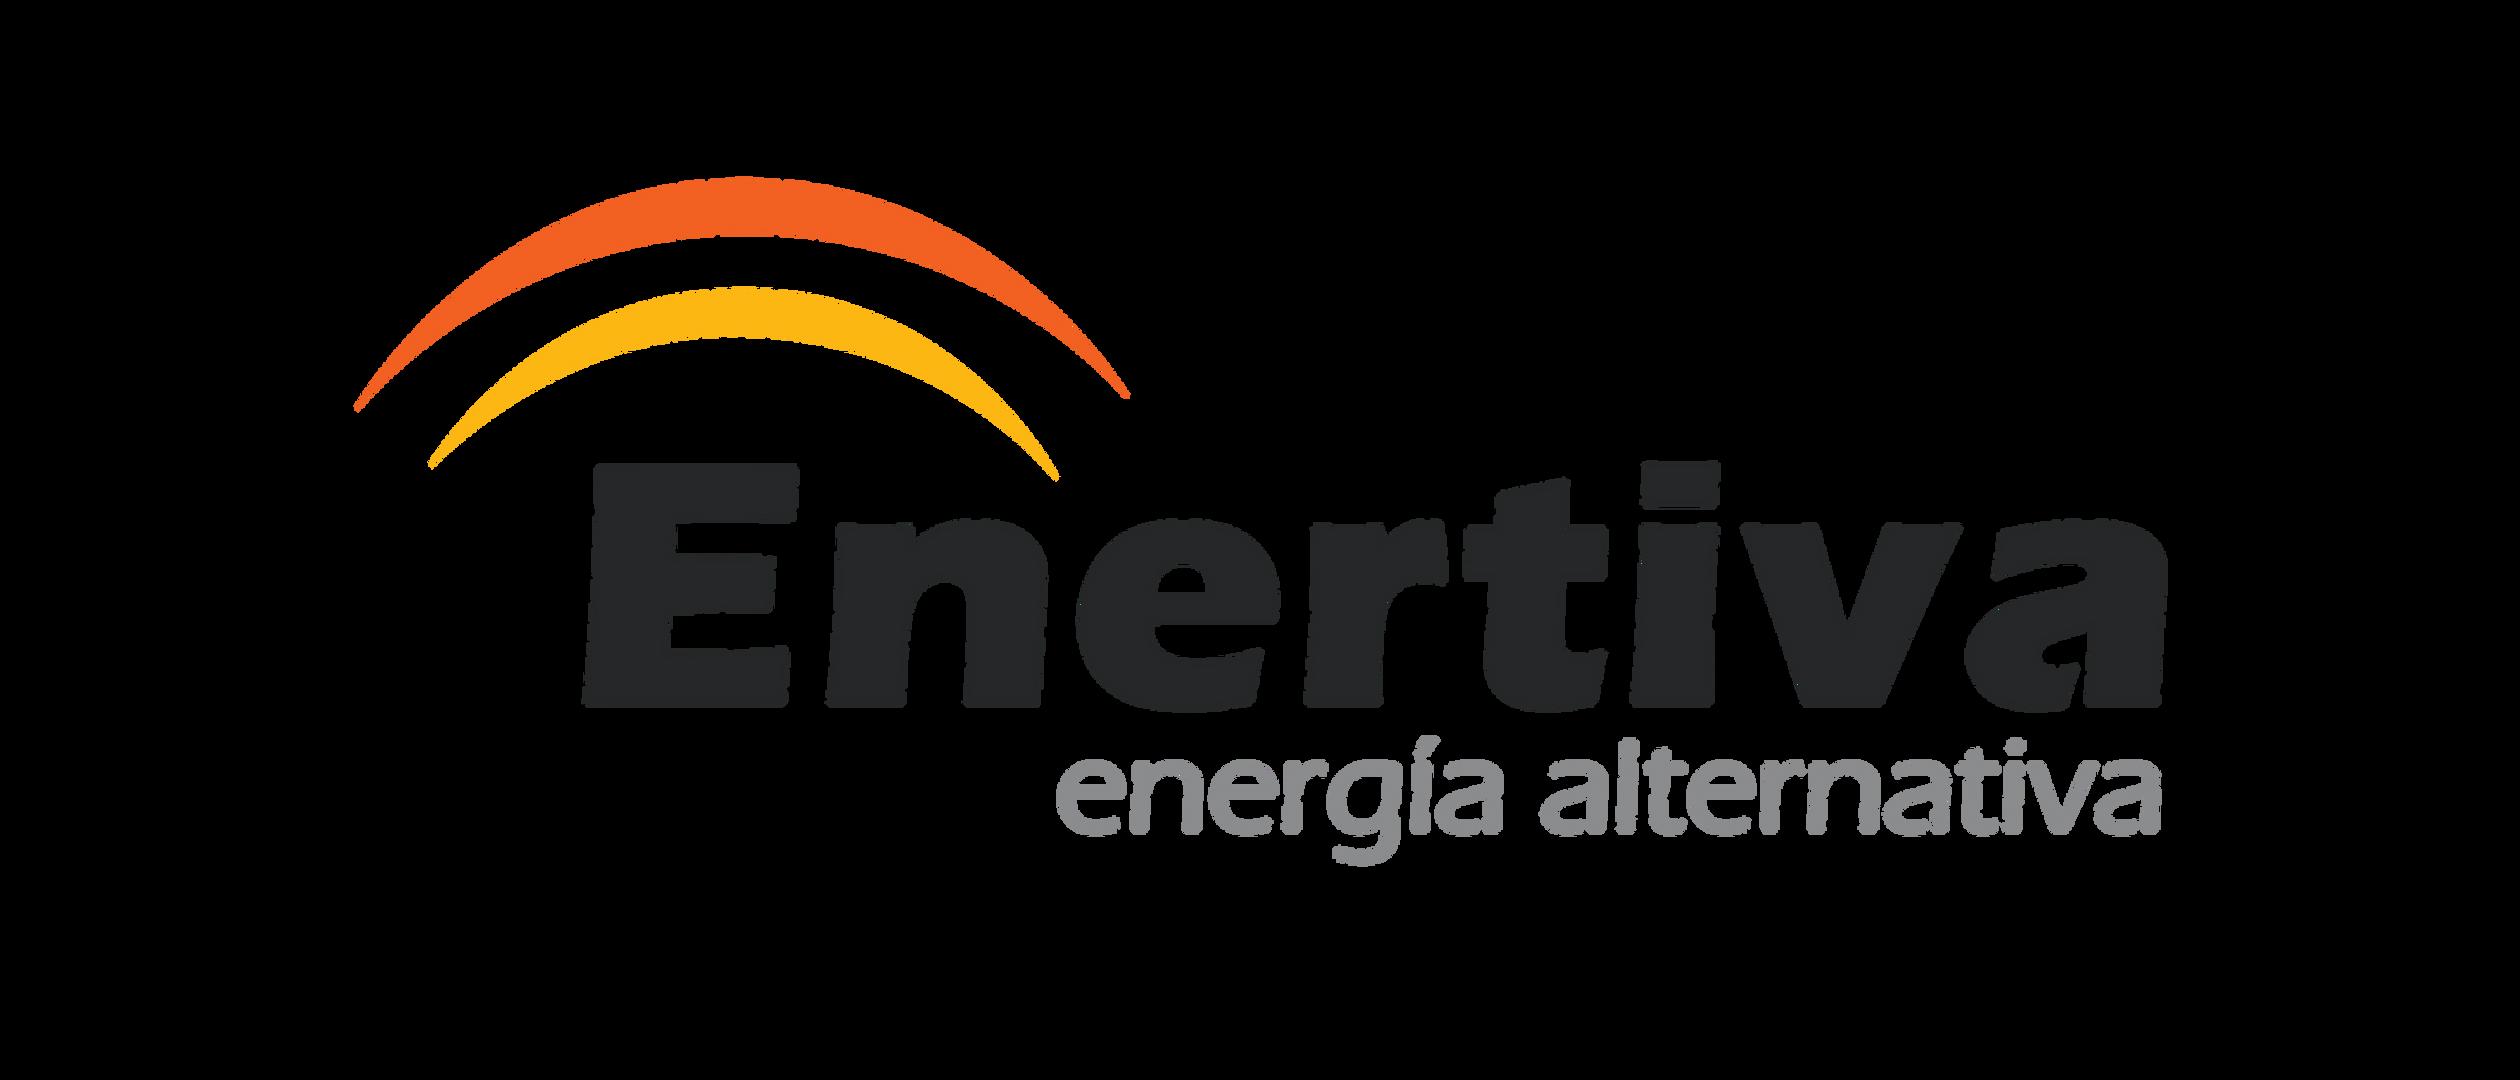 Logos_Enertiva_2018-01.png